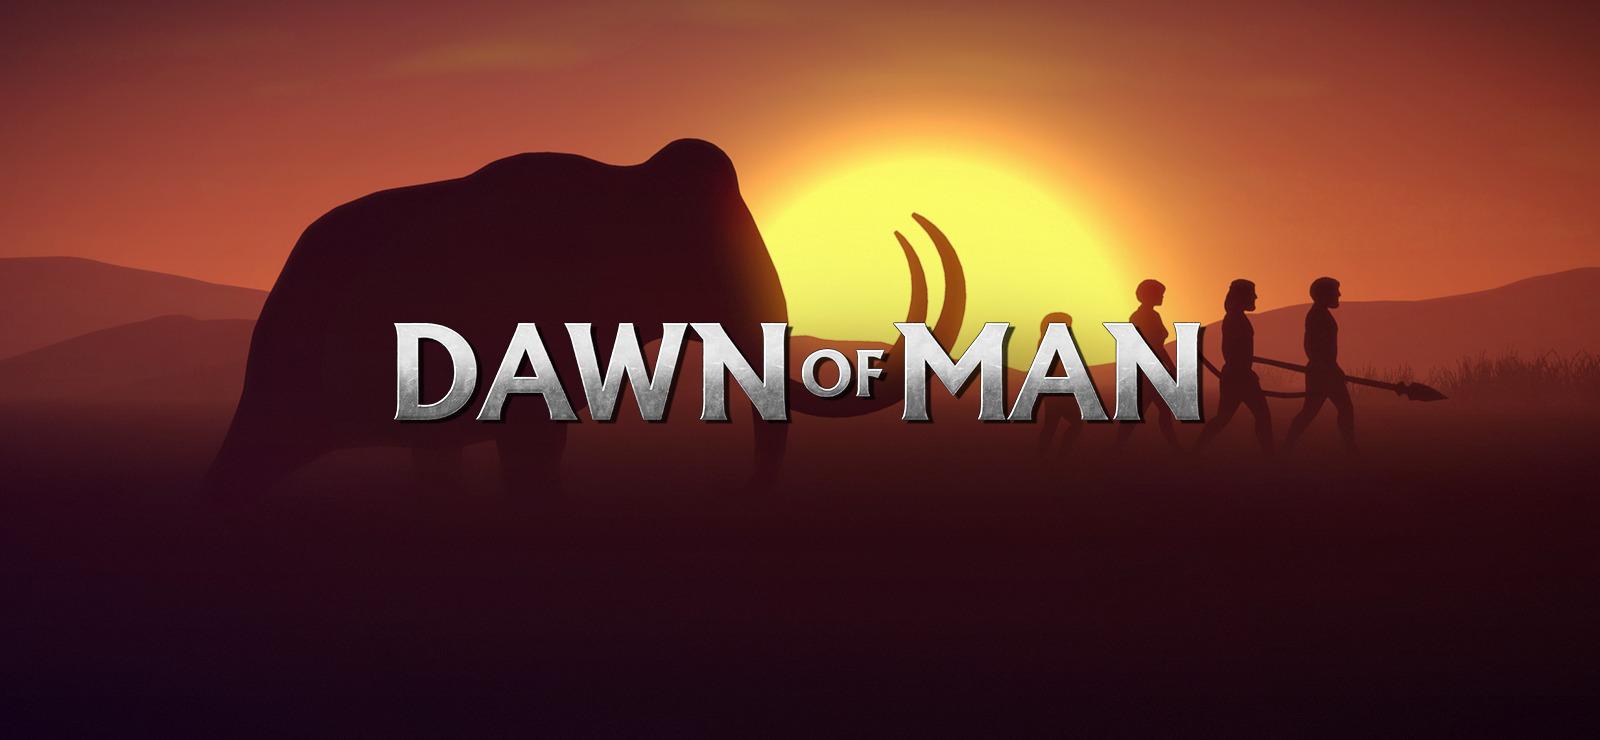 Dawn of Man GOG скачать последнюю версию - Торрминаторр